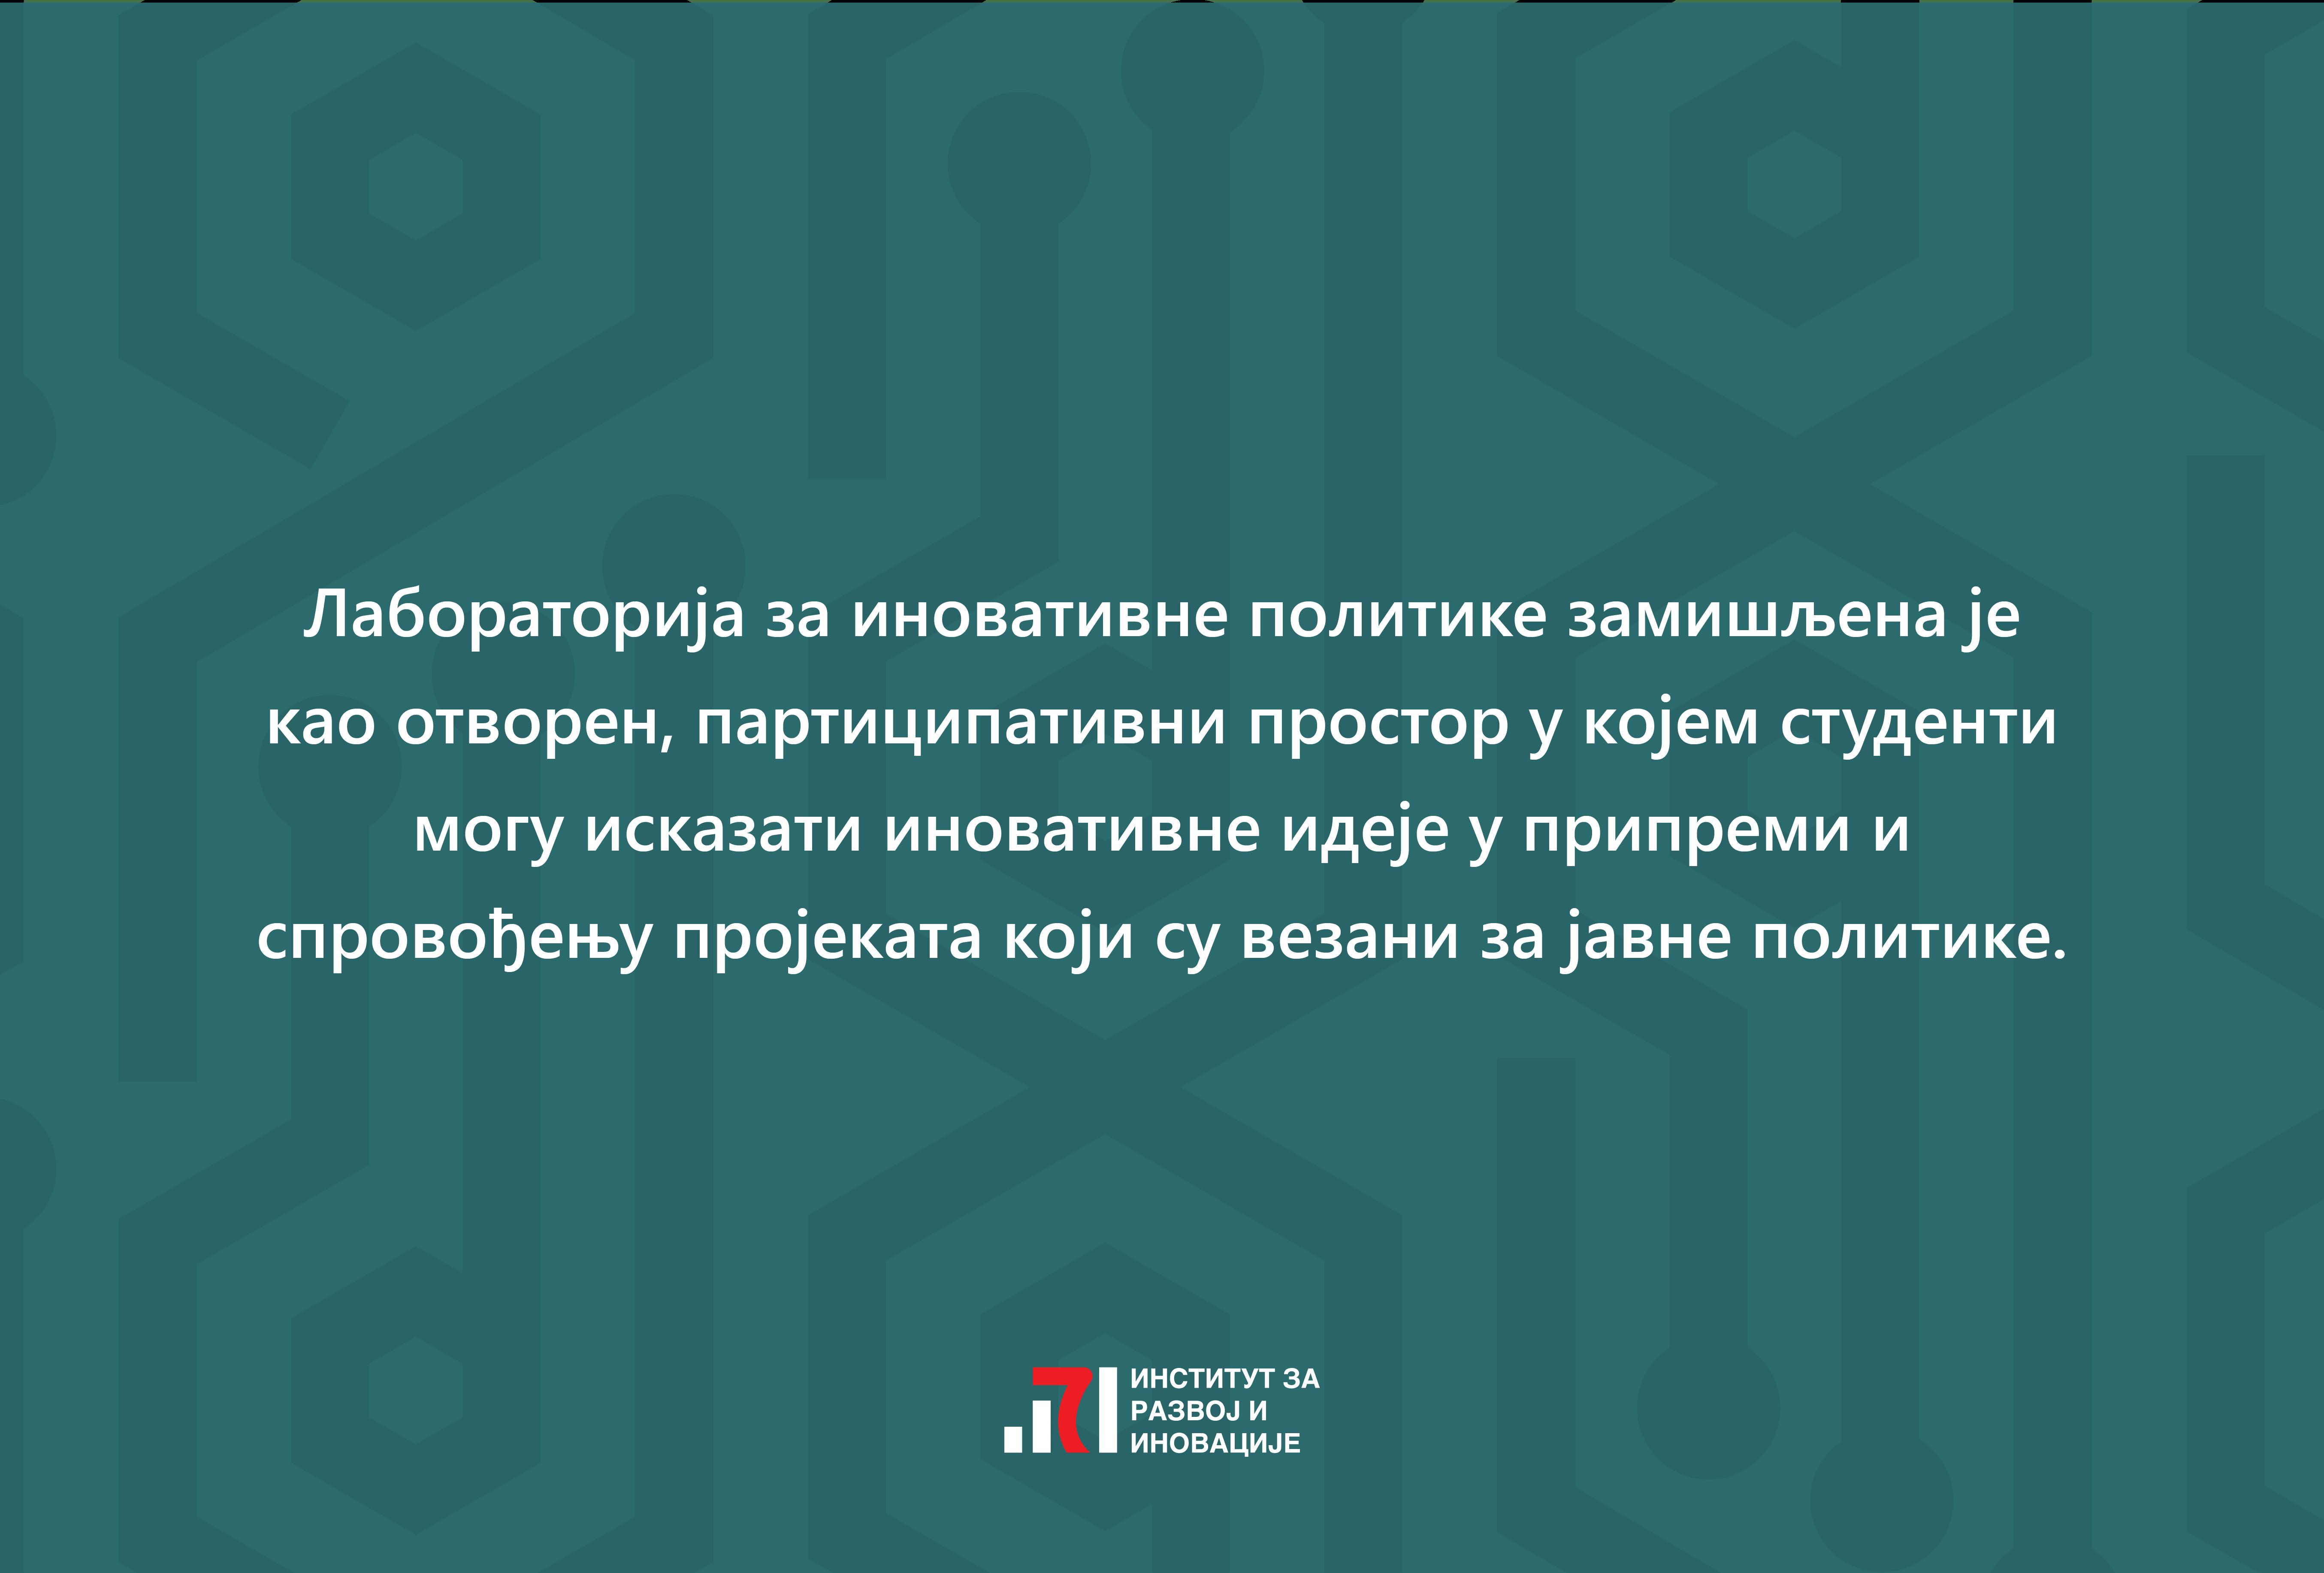 Projekat-06-min